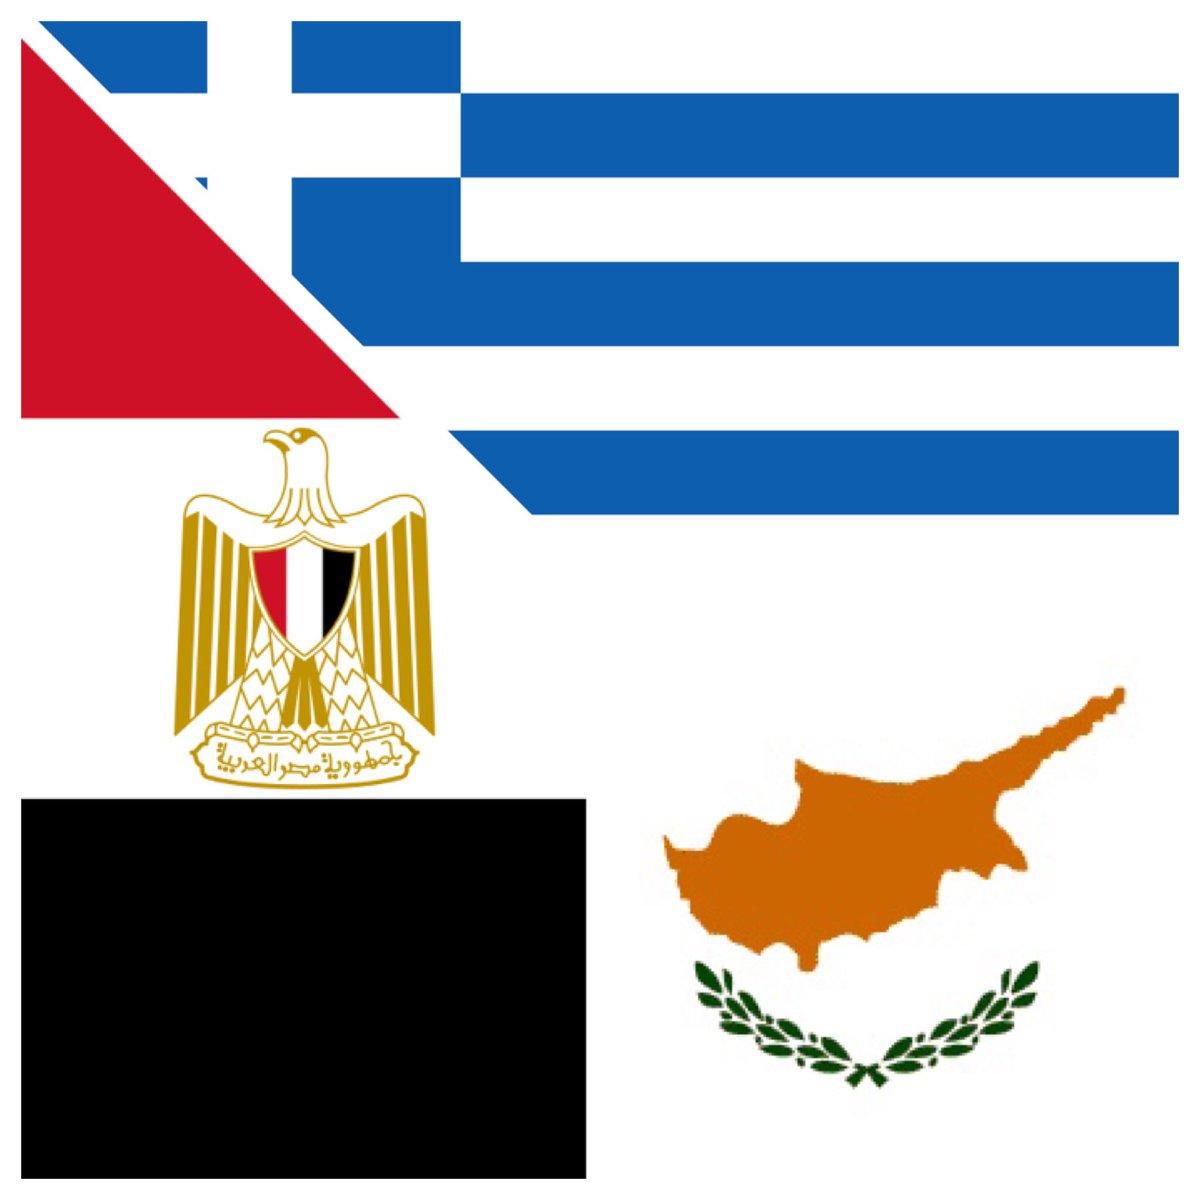 ΕΚΤΑΚΤΟ – ΣΕΙΣΜΟΣ ΣΤΗN ΤΟΥΡΚΙΑ ΚΑΙ ΣΤΗ ΜΕΣΟΓΕΙΟ – Αγωγό από την «Αφροδίτη» προς την Αίγυπτο συμφώνησαν Αναστασιάδης-Σίσι (βίντεο) - Εικόνα0